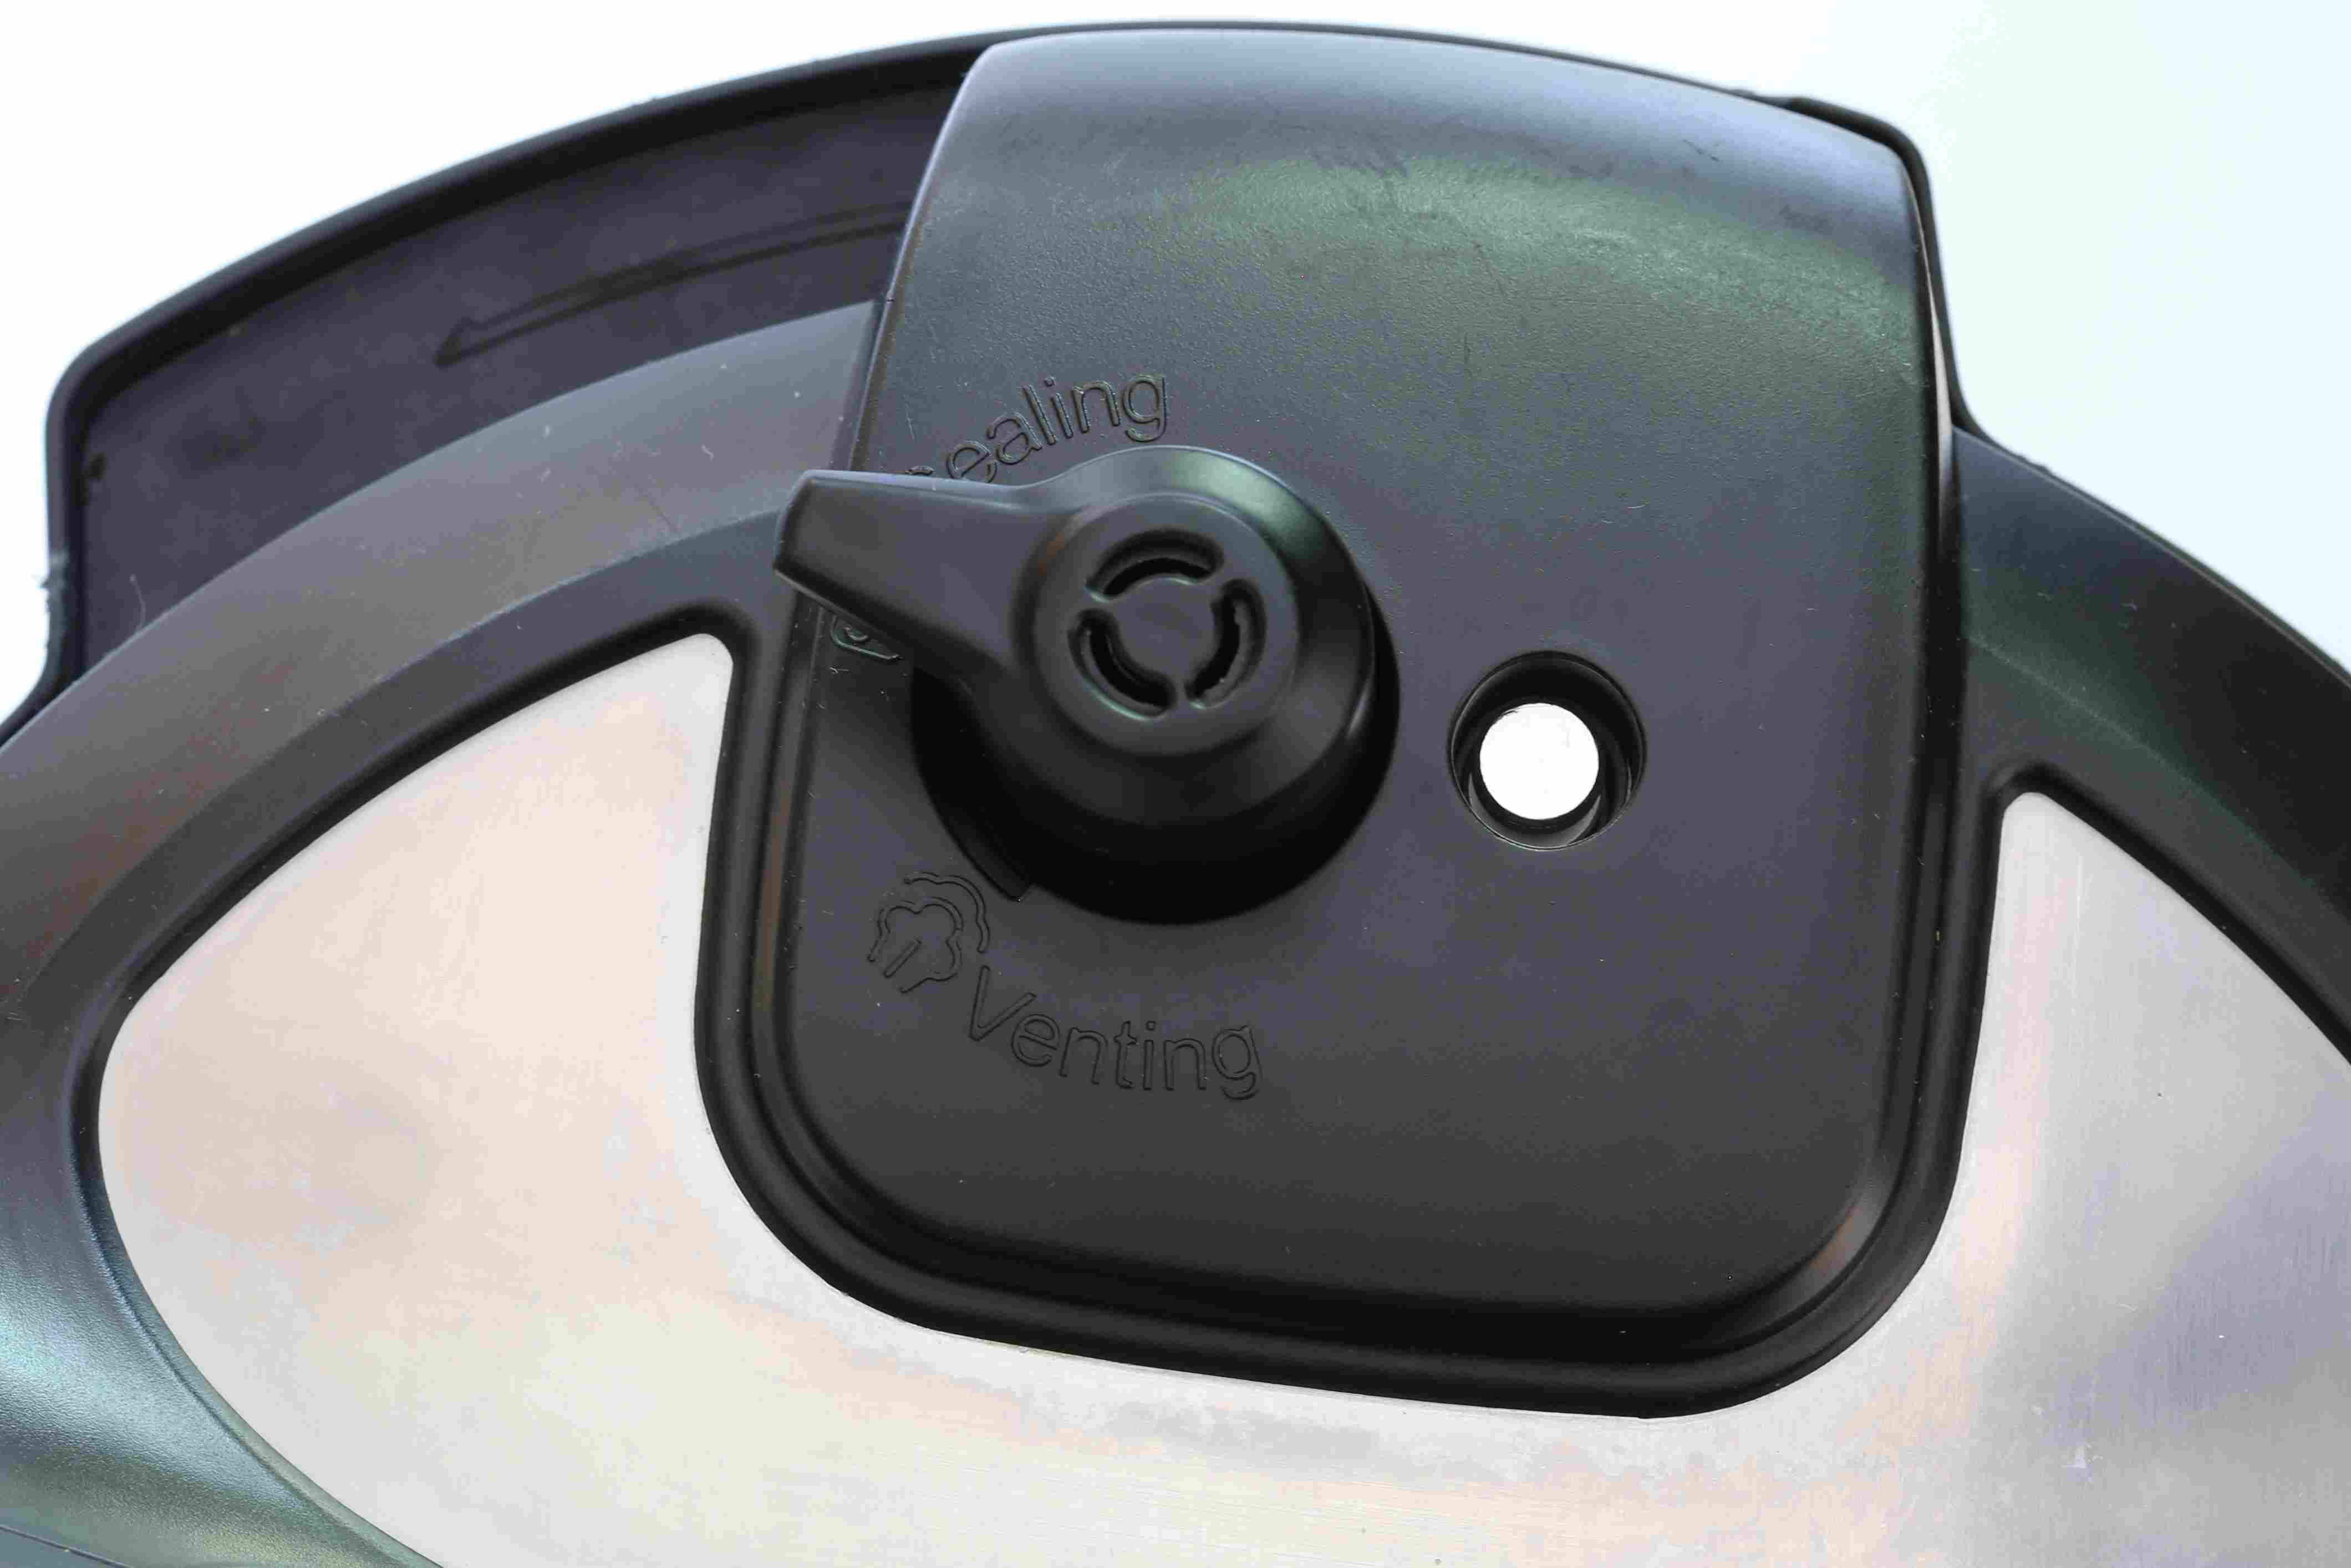 Set the knob to sealing.